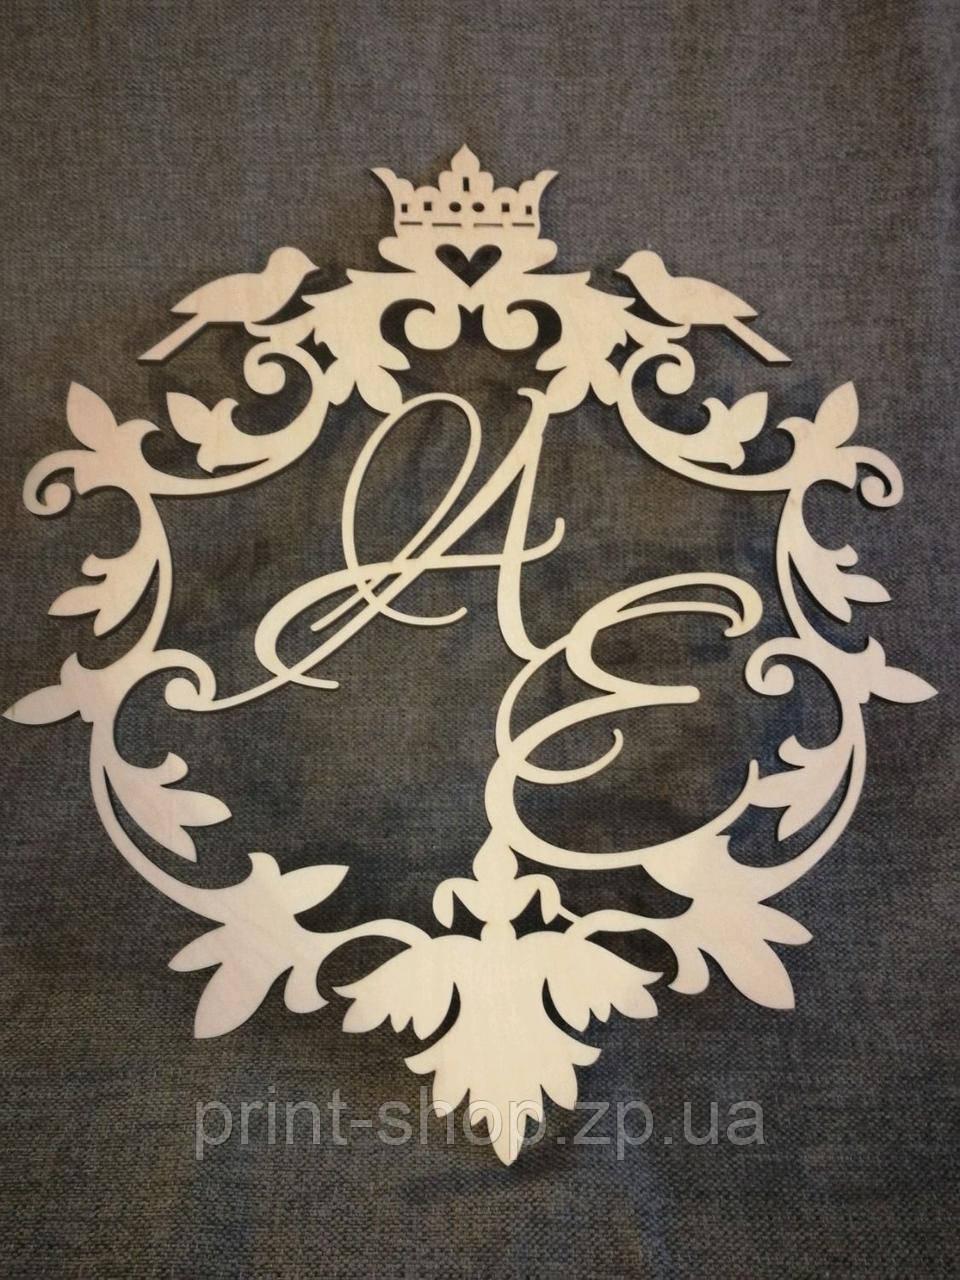 """Весільний герб """"Пташки"""""""